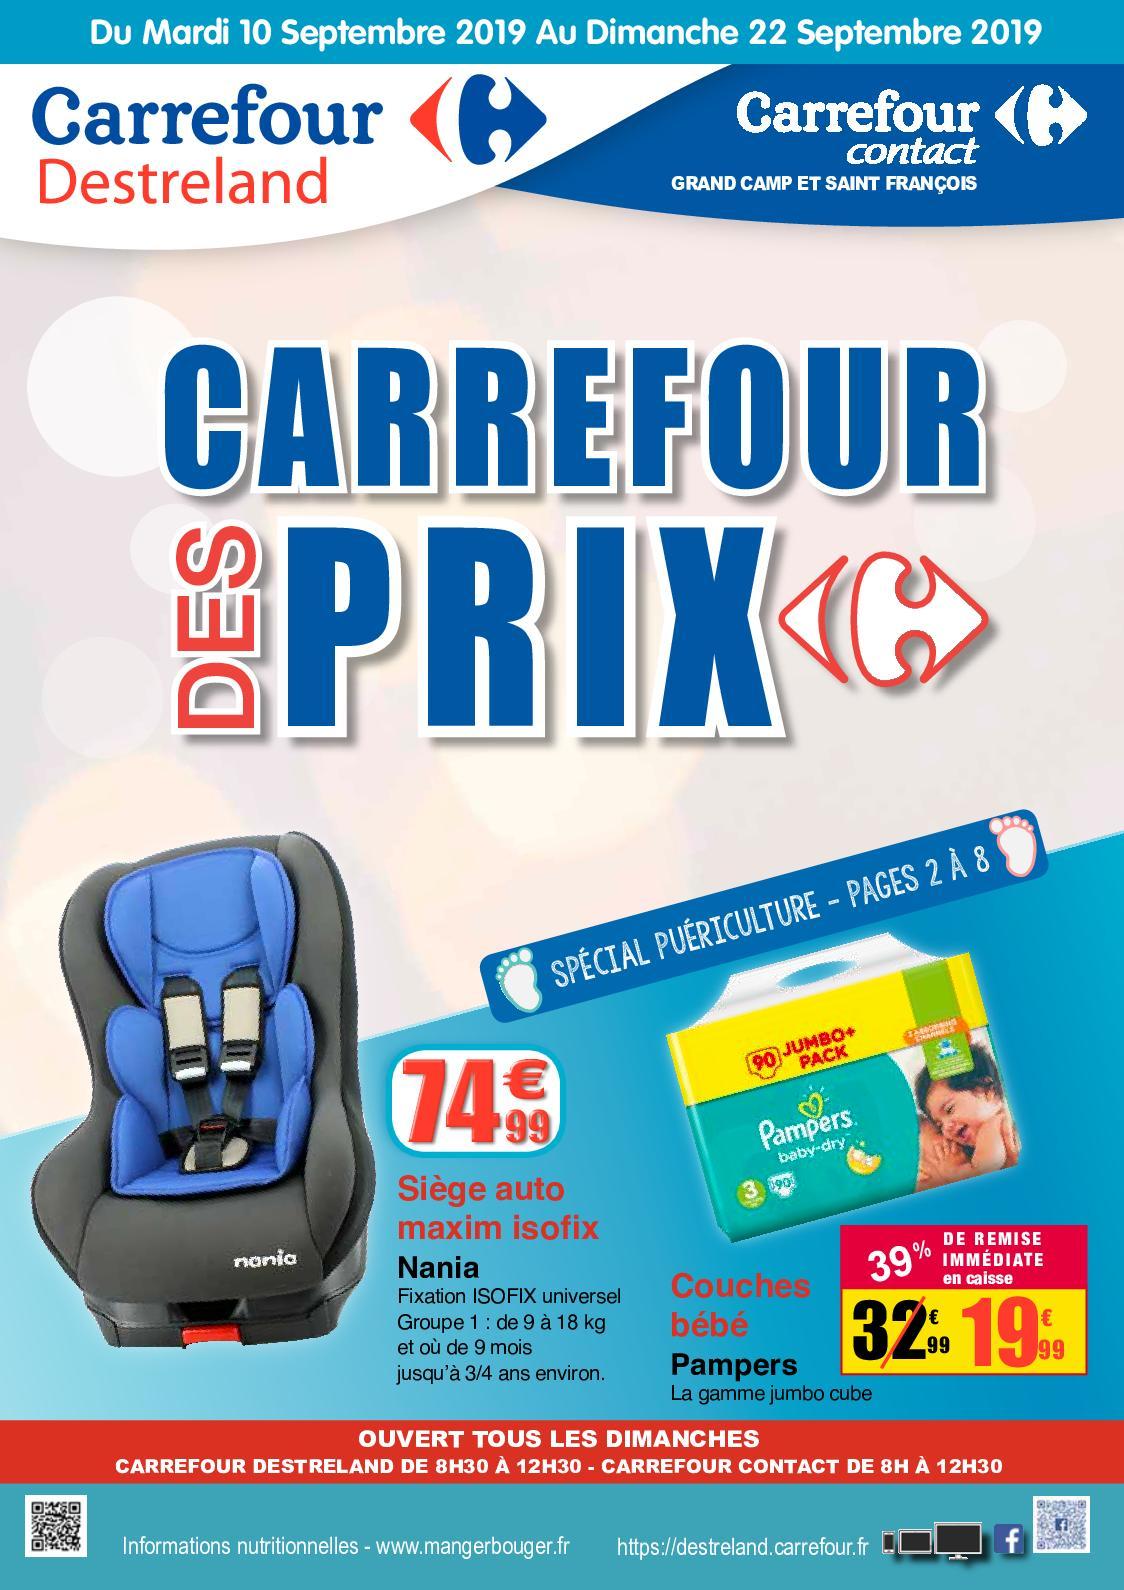 Calaméo - 20190910 Carrefour Destreland Carrefour Des Prix ...